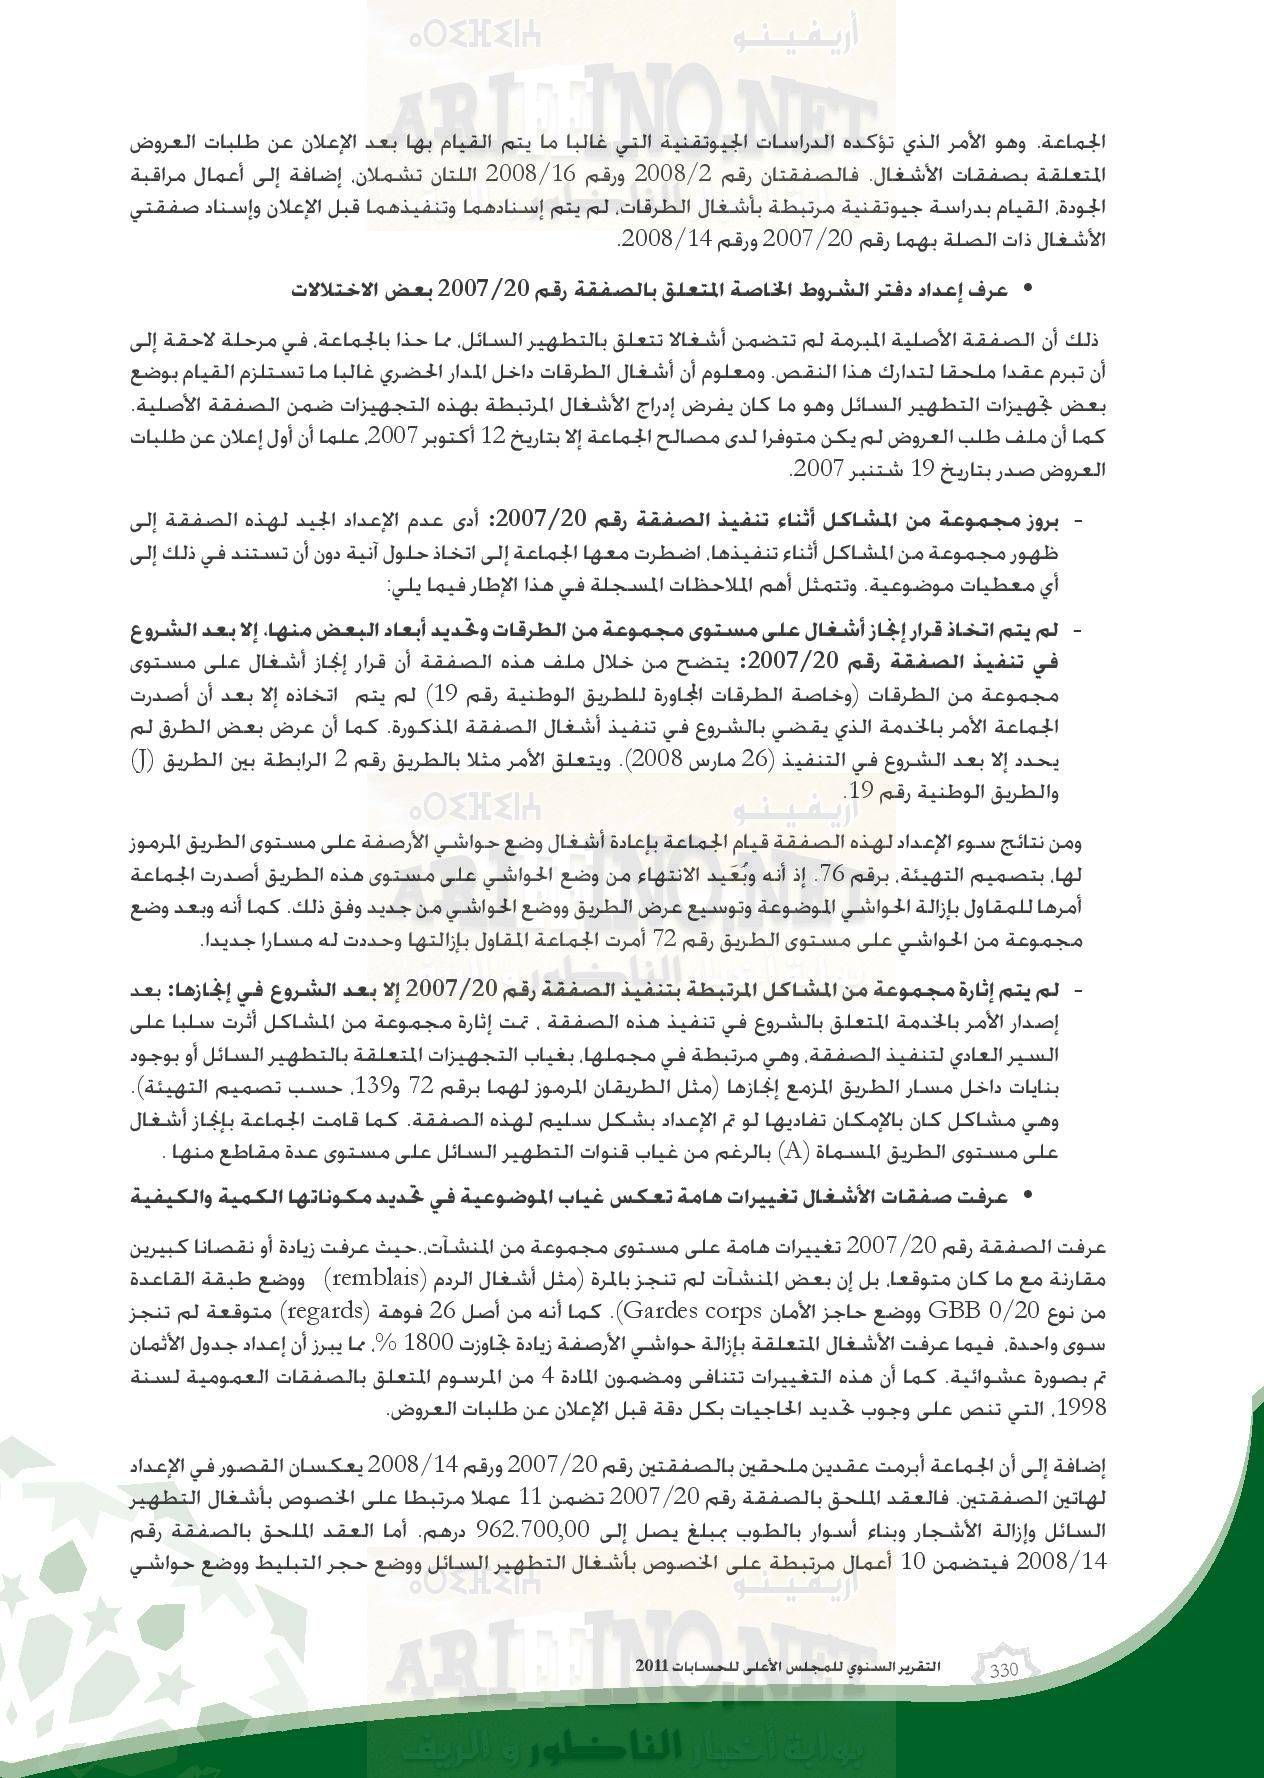 nador_0056 تقرير المجلس الاعلى للحسابات: بلدية الناظور تعيش إختلالات و عشوائية و عاجزة عن القيام بمهامها